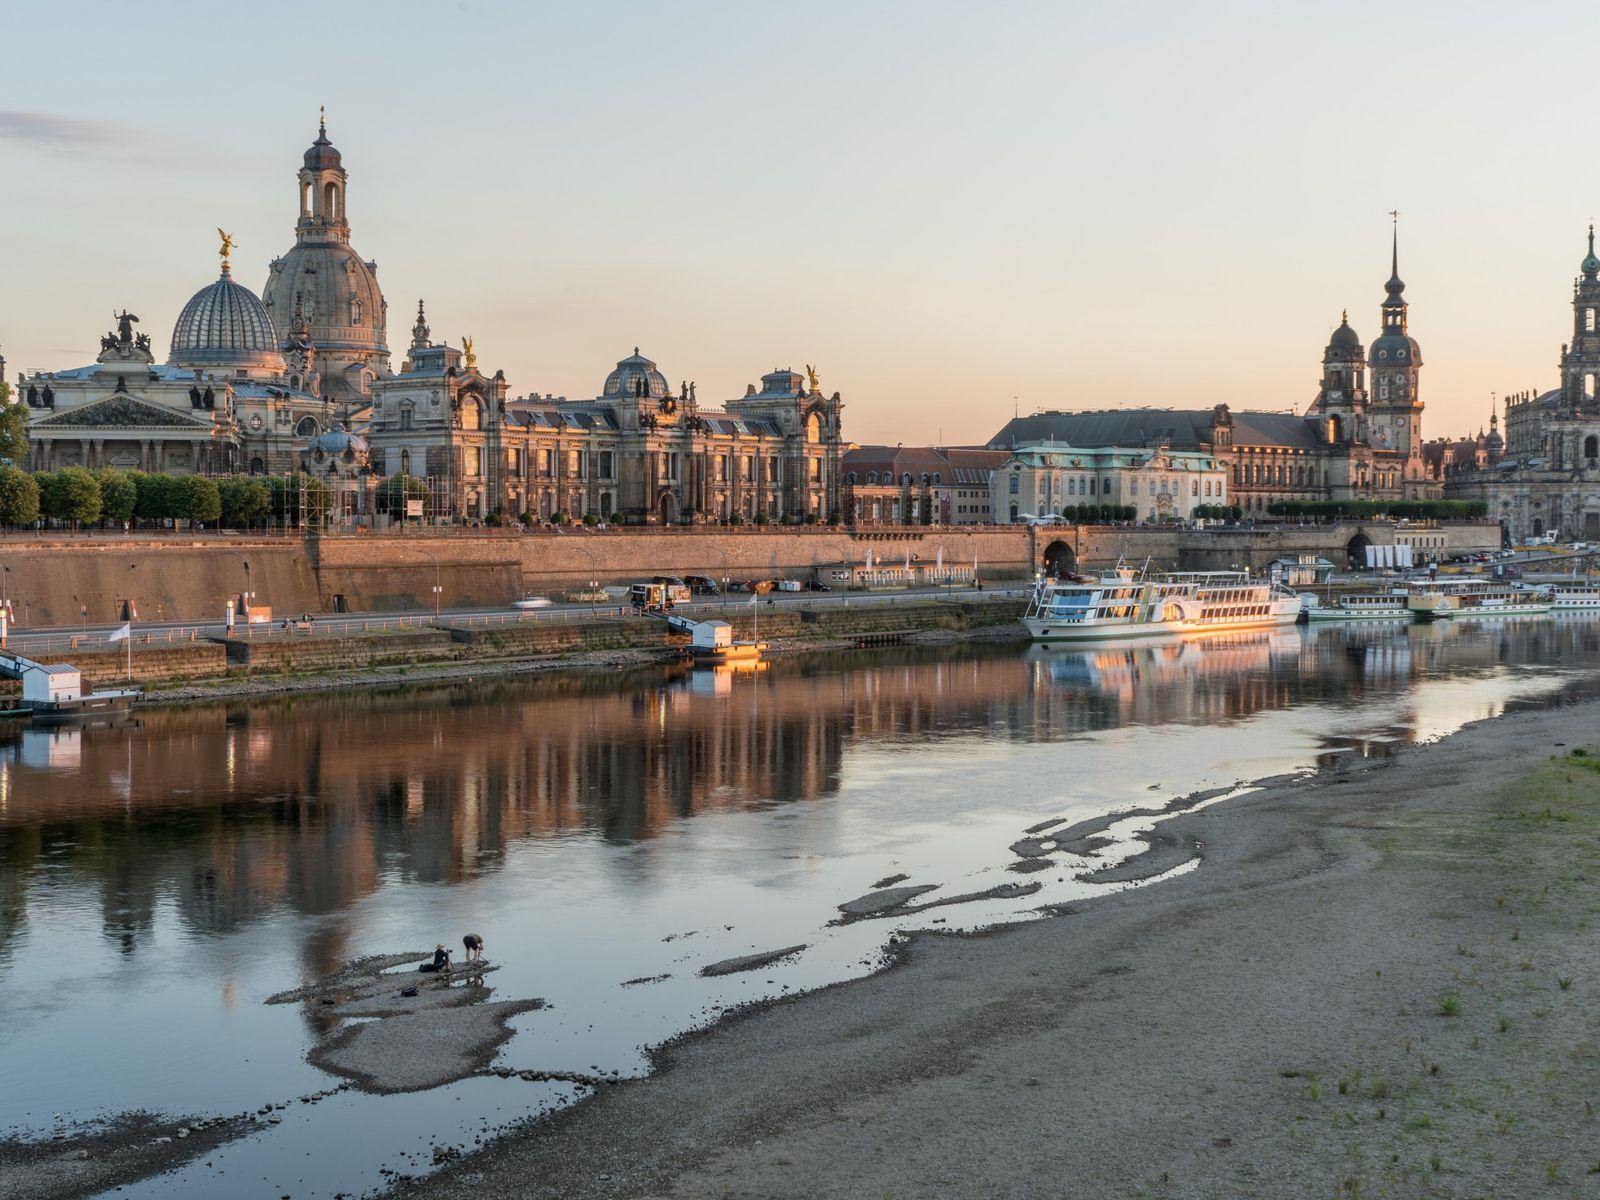 Deutschland, als Nation, ist führend in der Wasserwirtschaft. Aber jeder Tropfen, den wir jetzt einsparen, wird ...